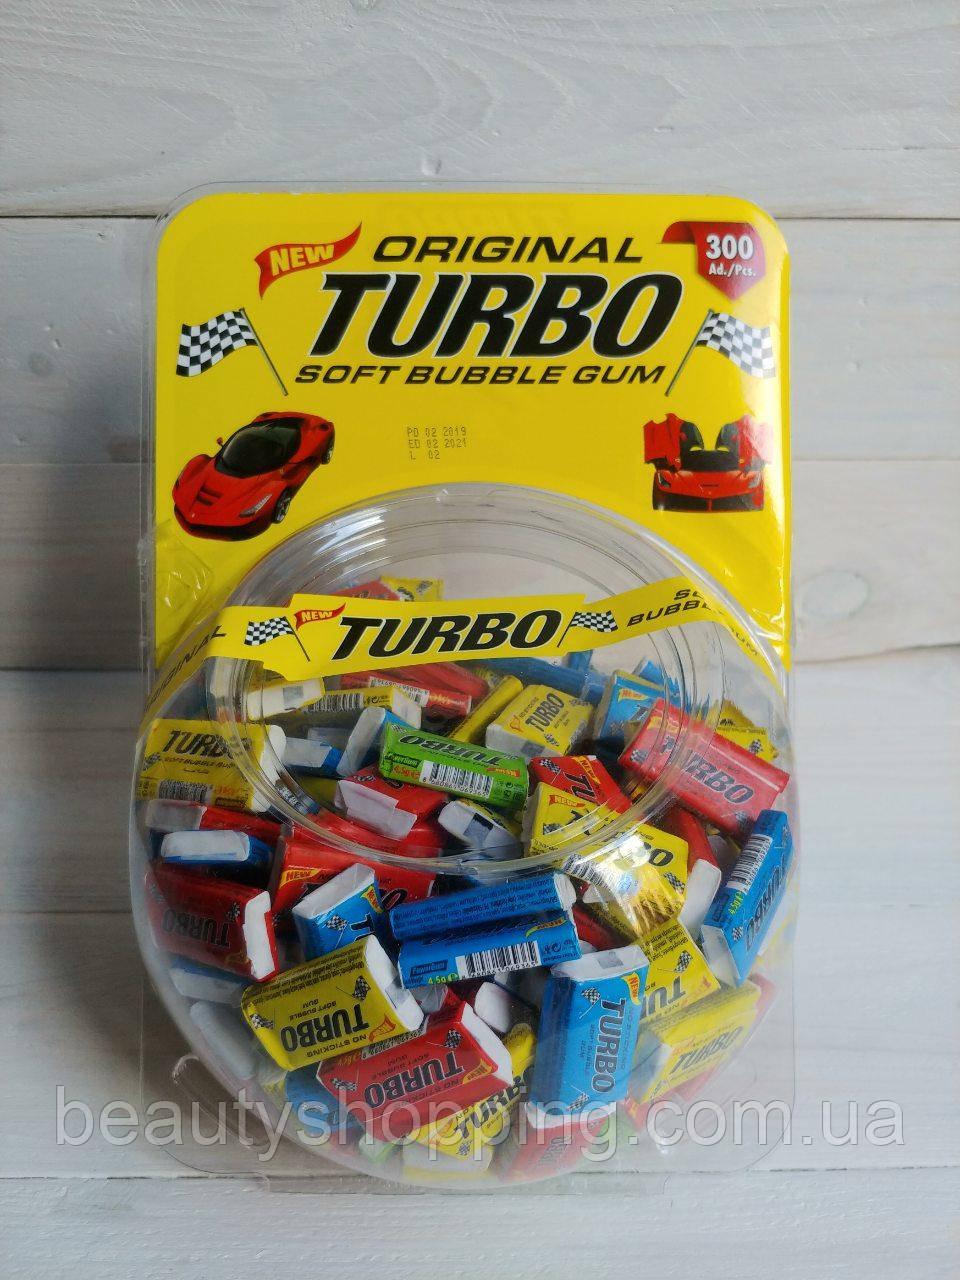 Turbo Original жевательные резинки с фруктовым вкусом 300 шт Турция